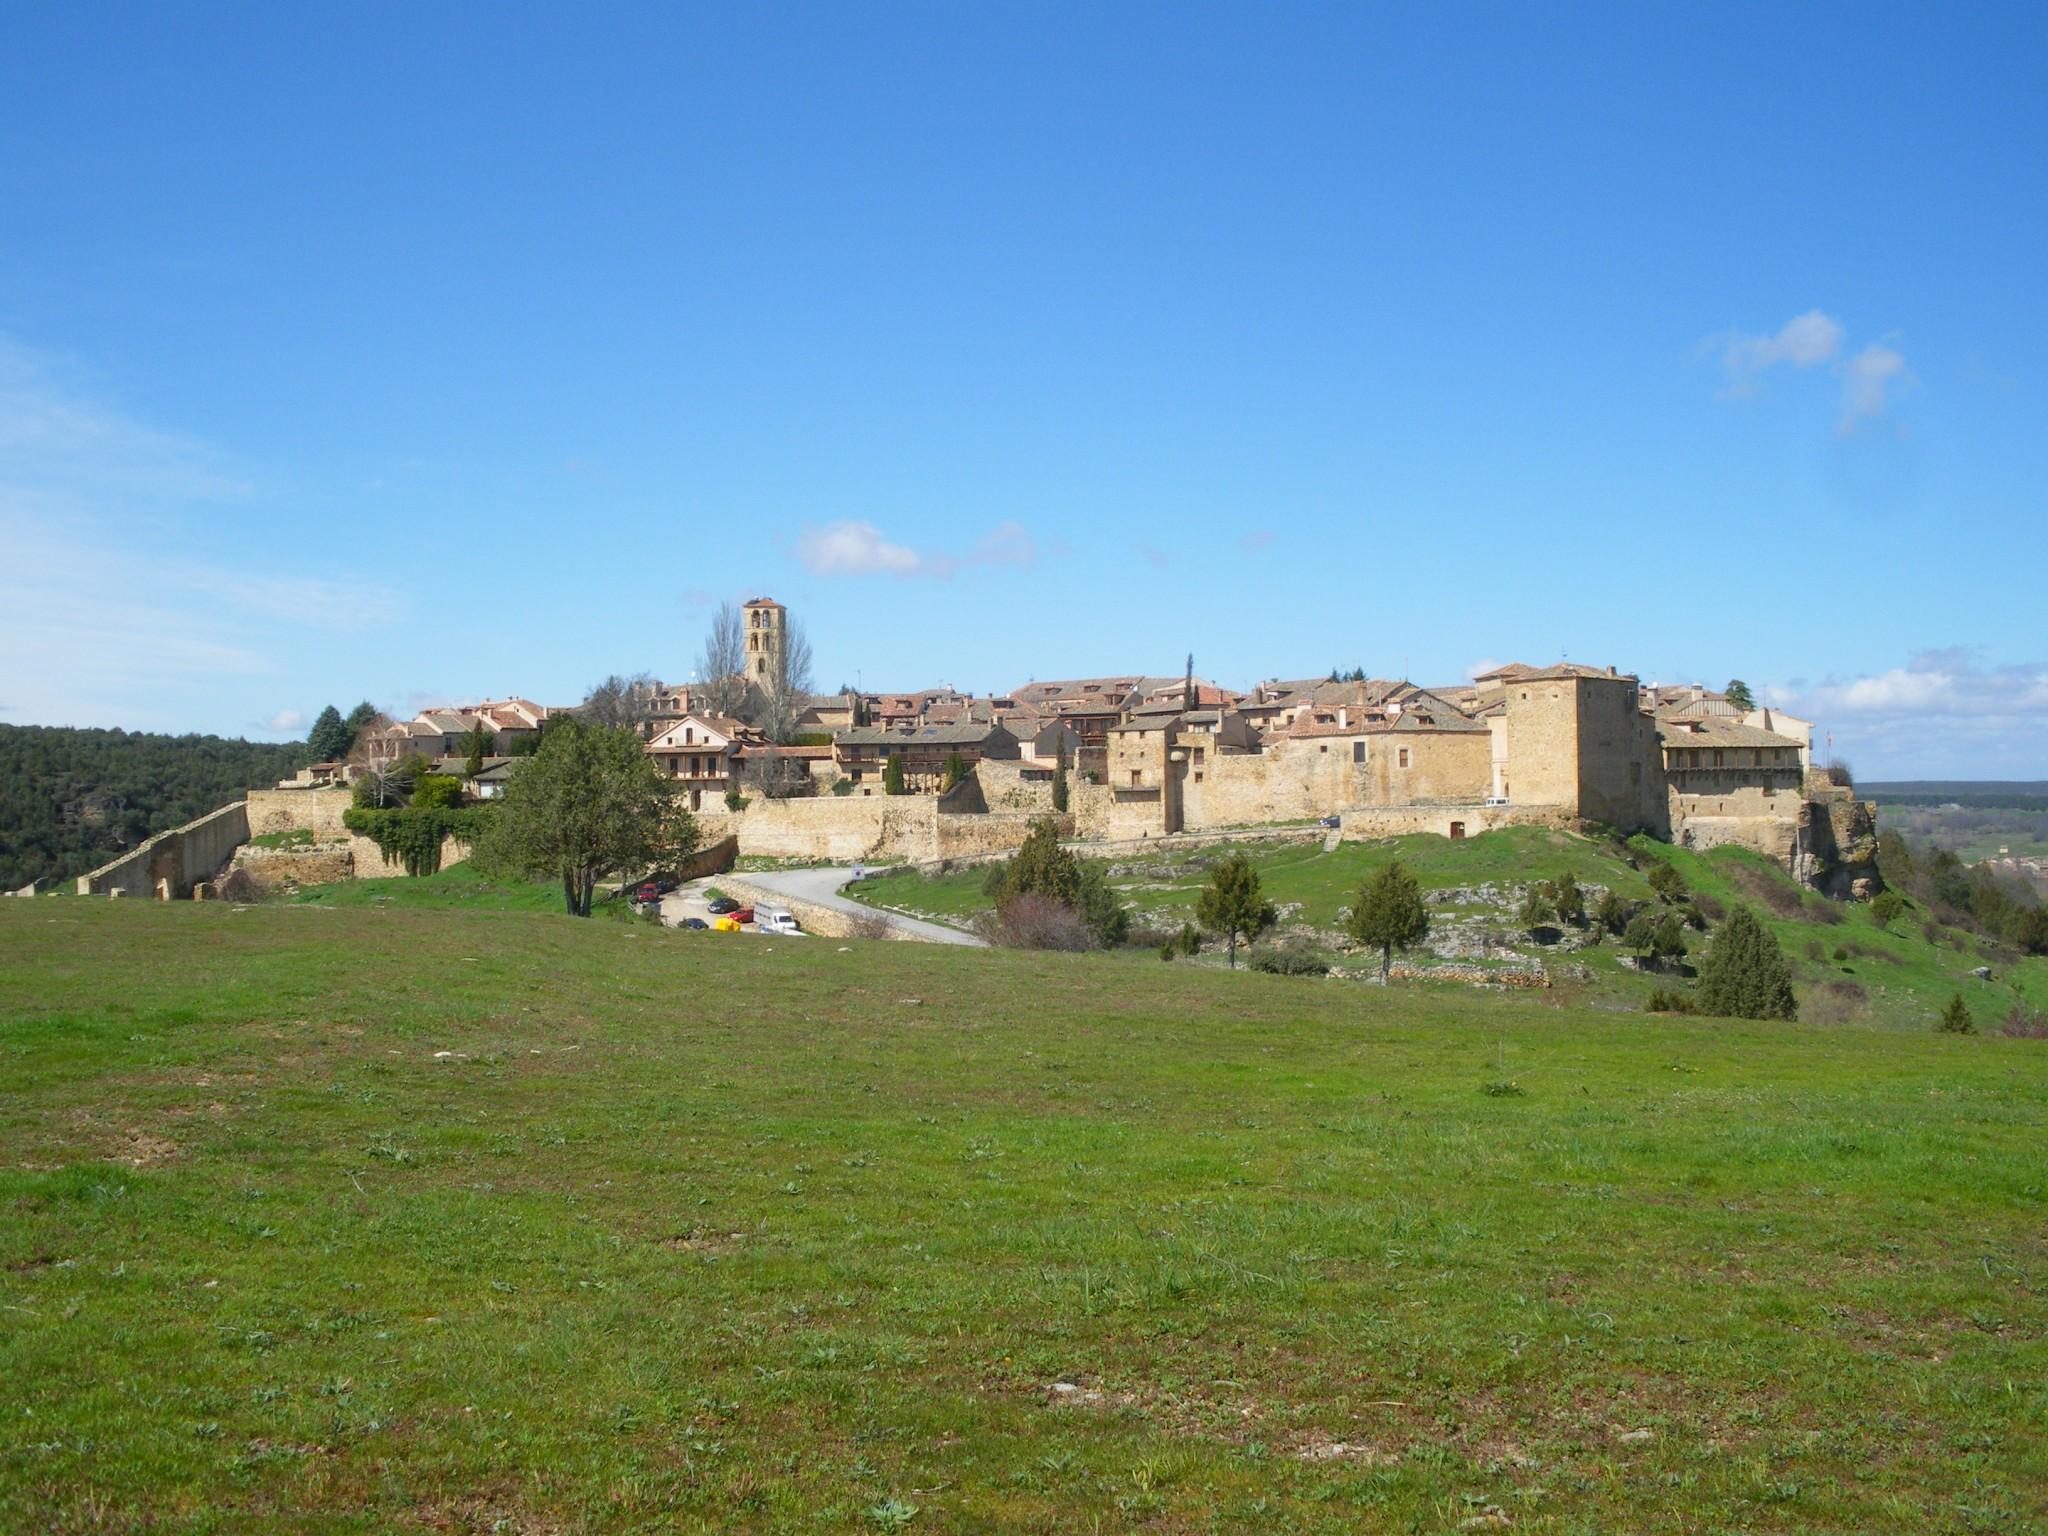 Pedraza, Segovia, Castilla y León, arte románico, murallas